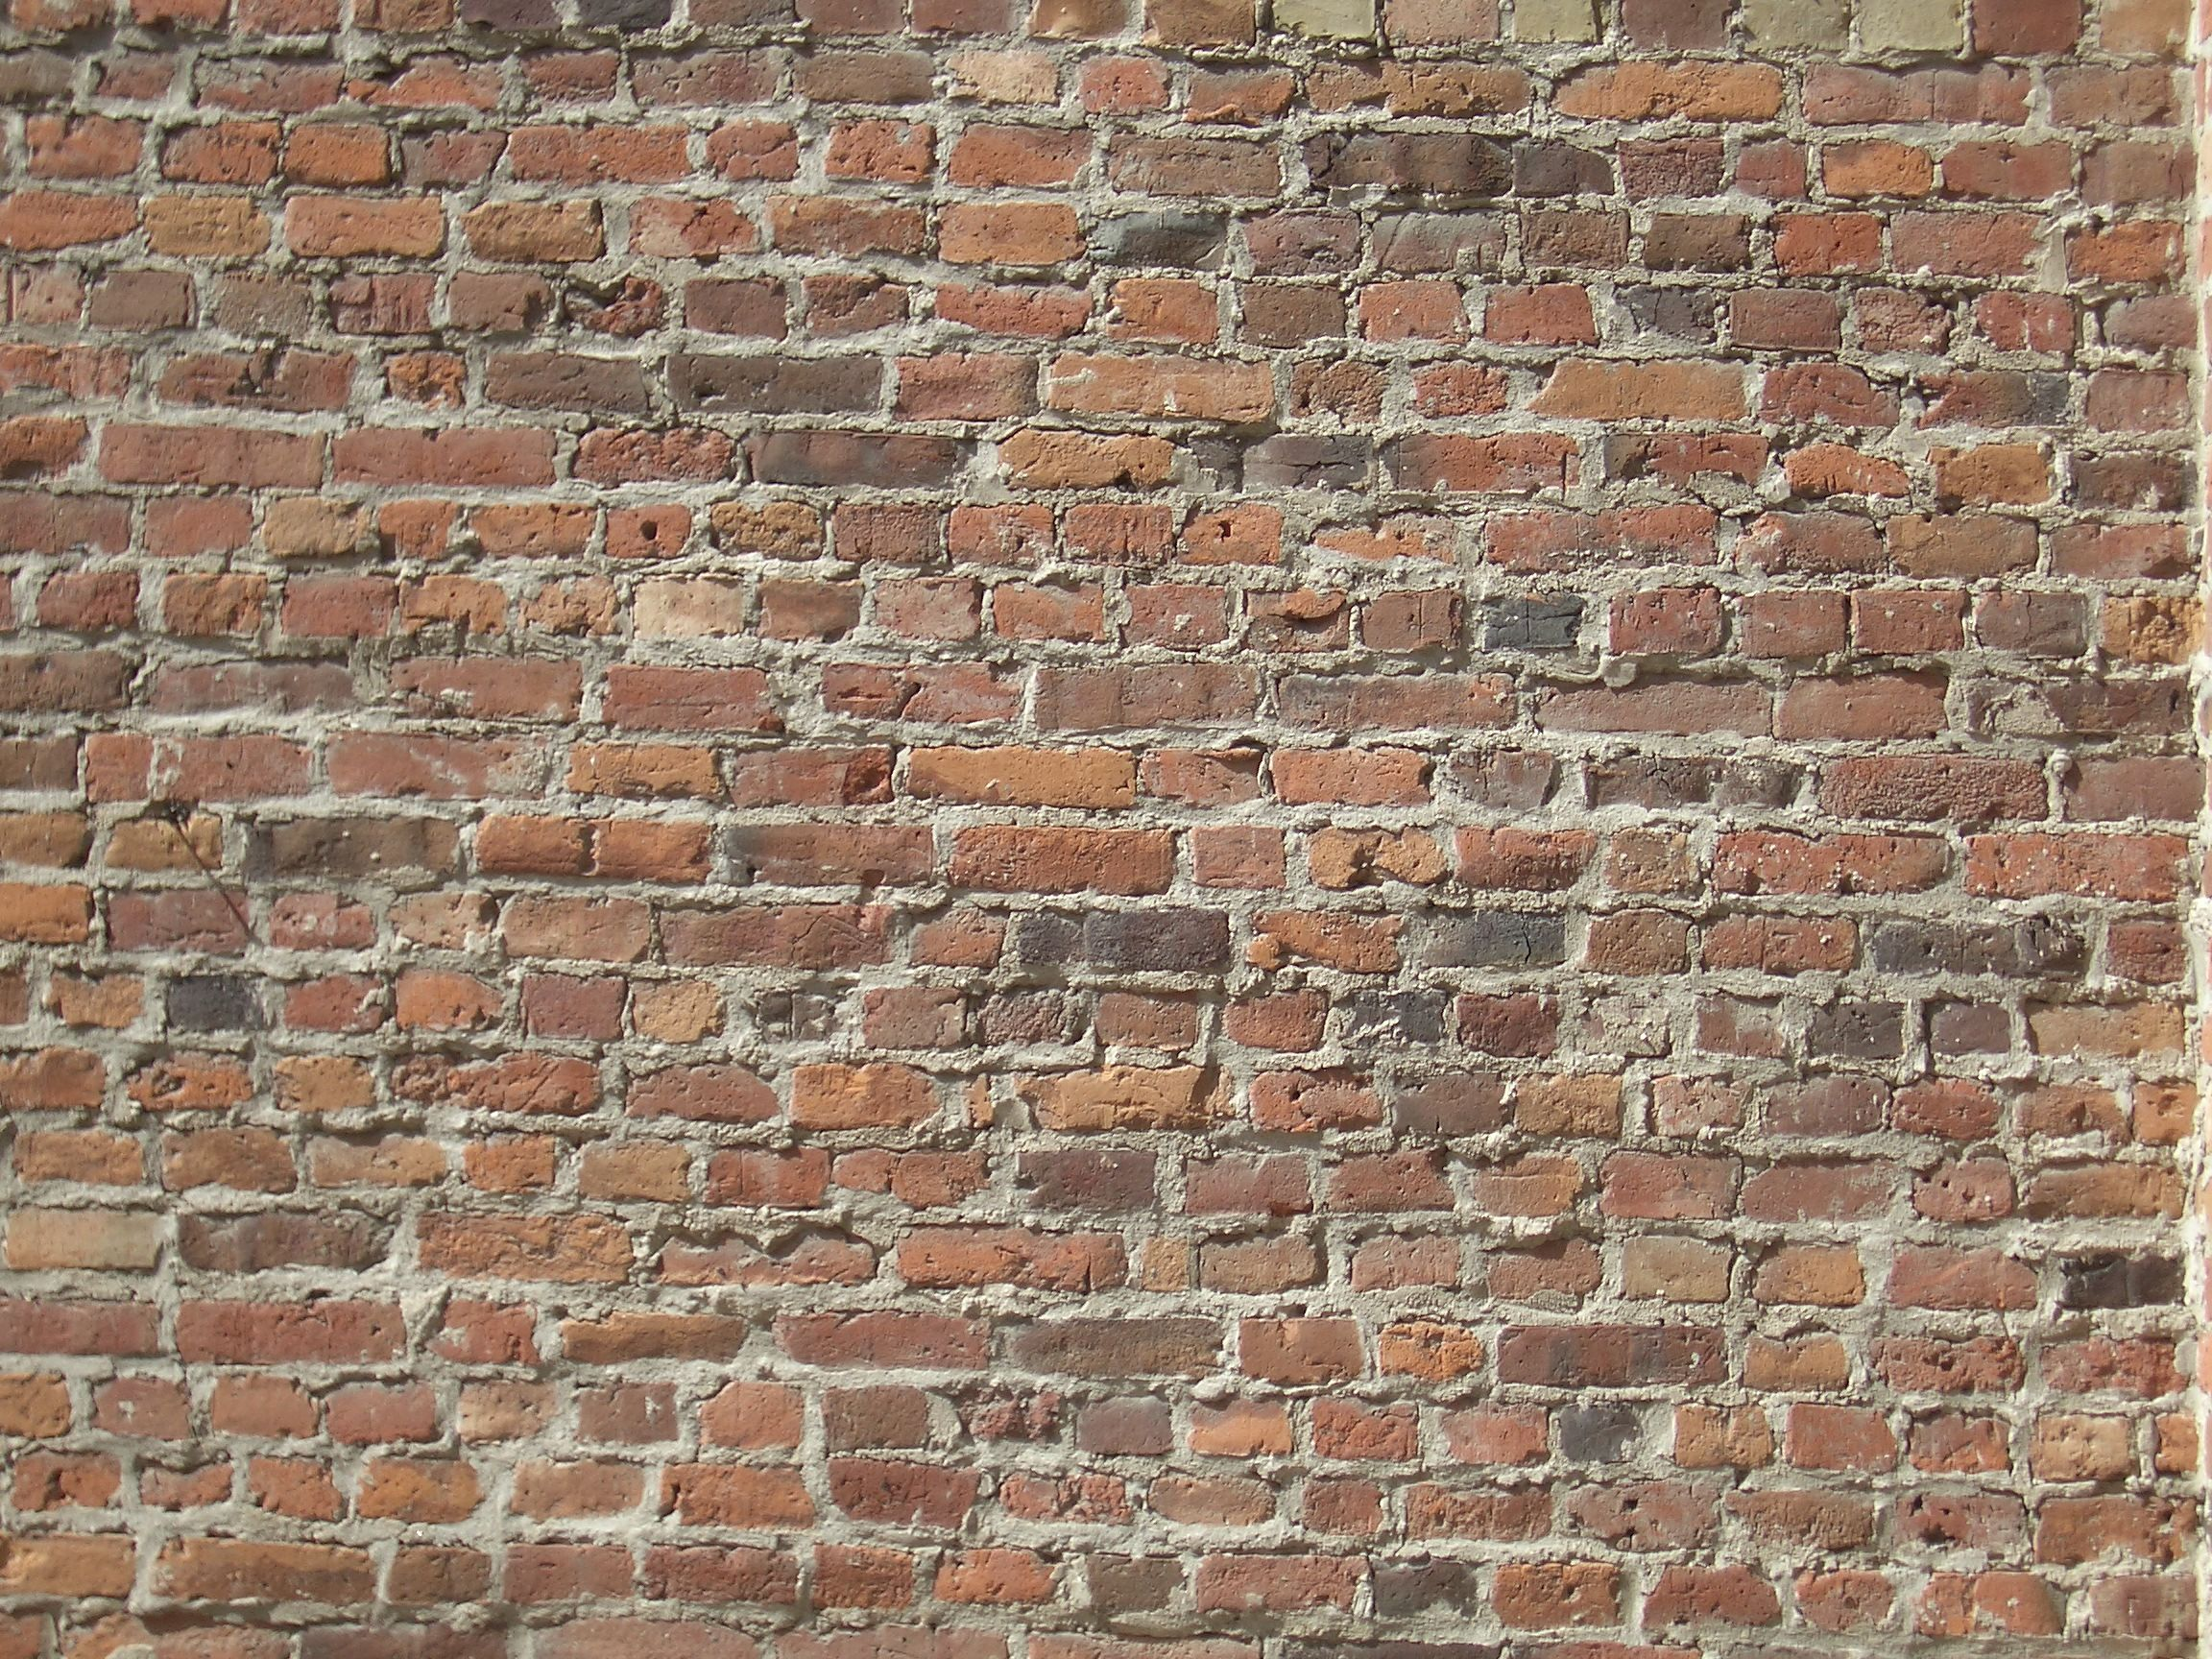 Brick Wall With Aged Character Old Brick Wall Brick Wall Old Bricks